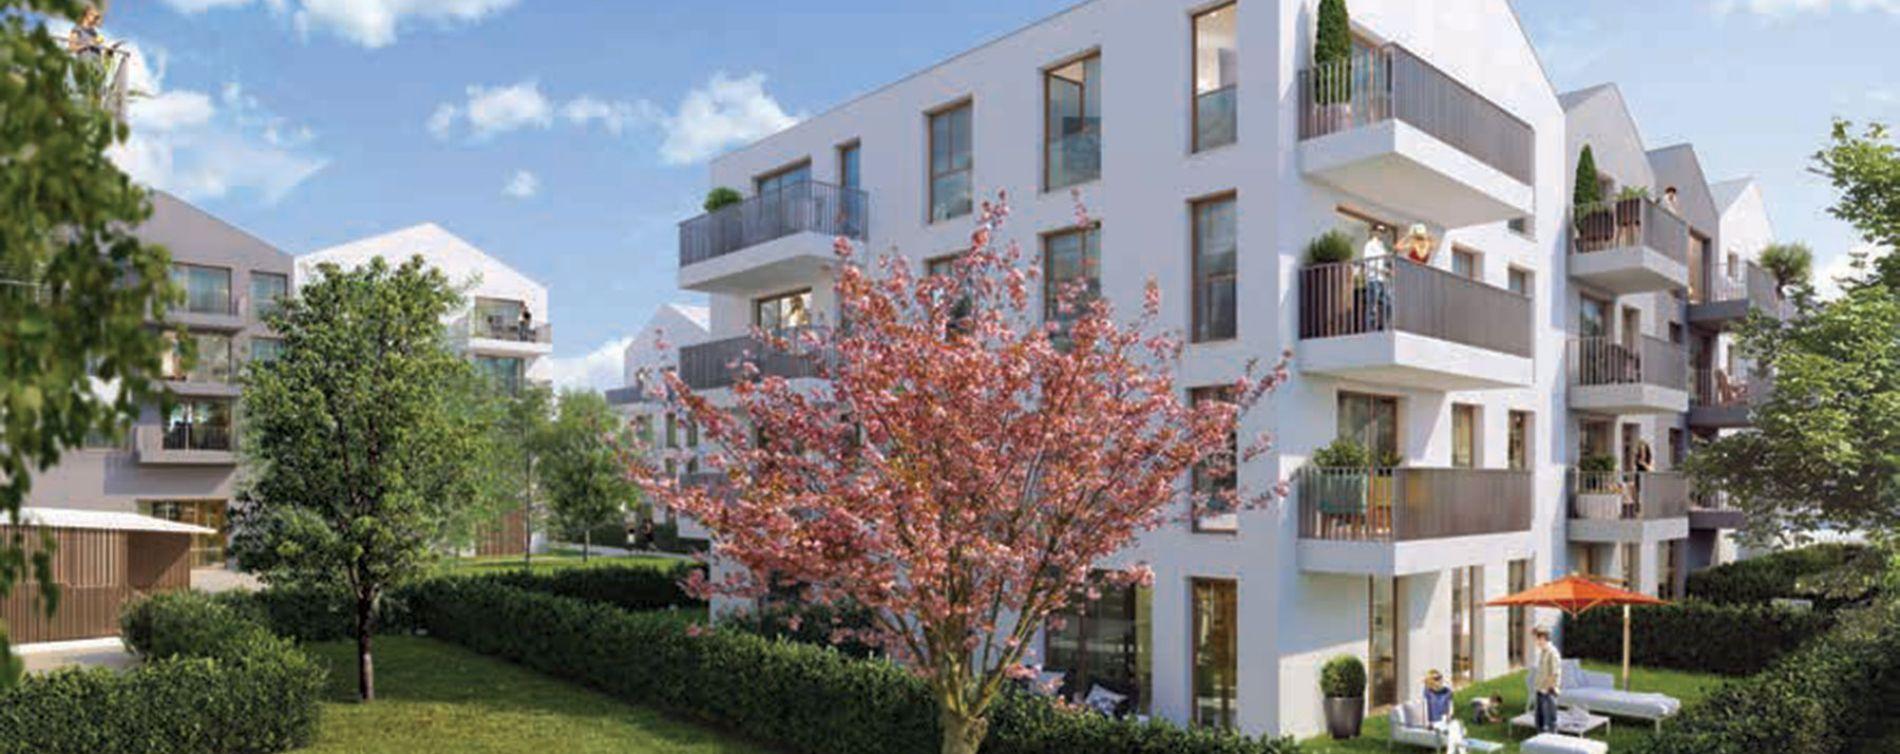 Garges-lès-Gonesse : programme immobilier neuve « Programme immobilier n°217732 » en Loi Pinel (5)